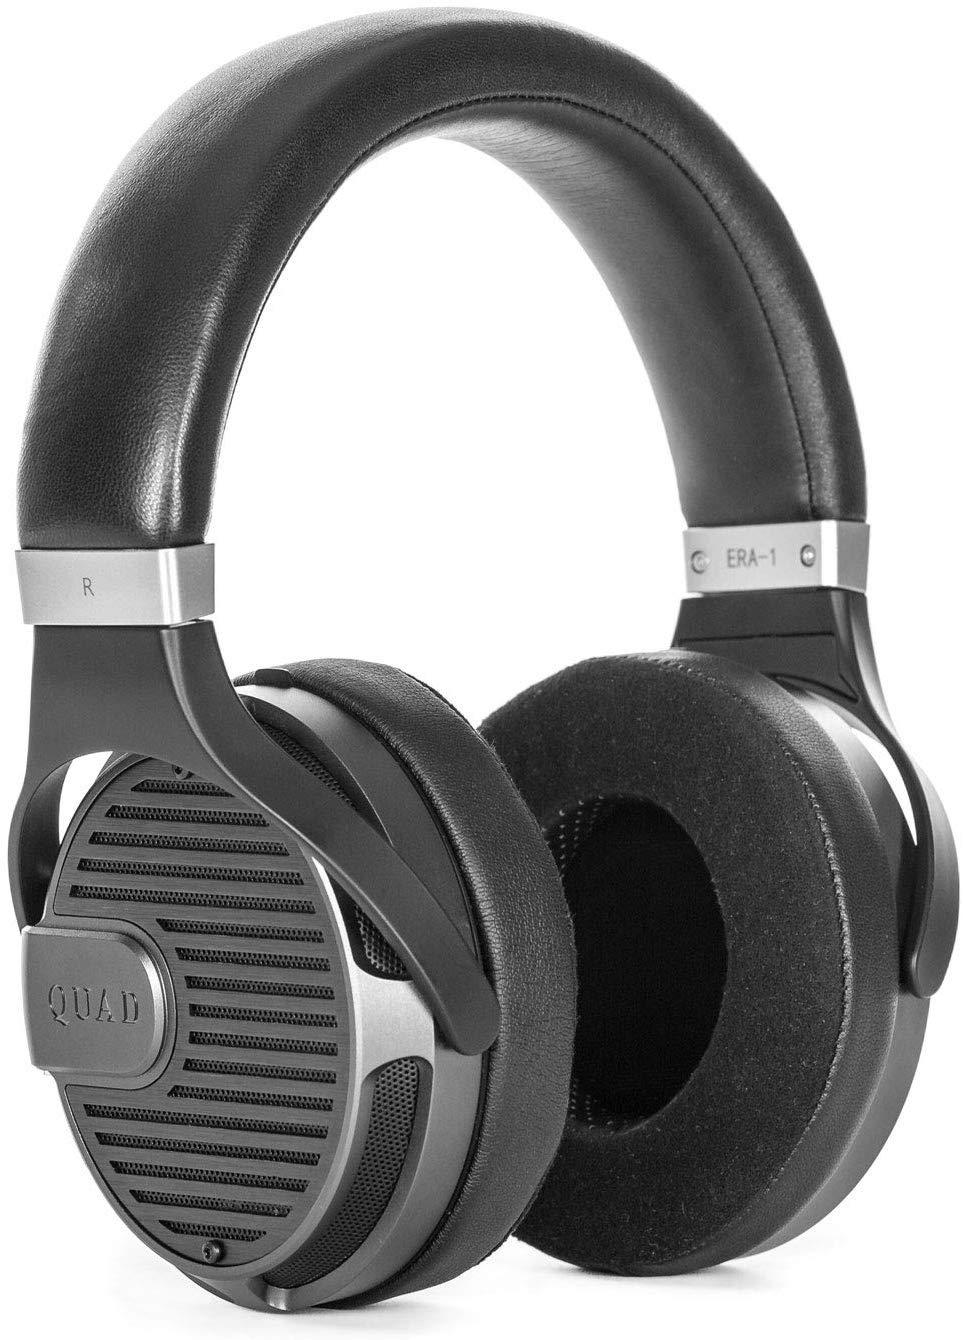 Kopfhörer Quad ERA-1